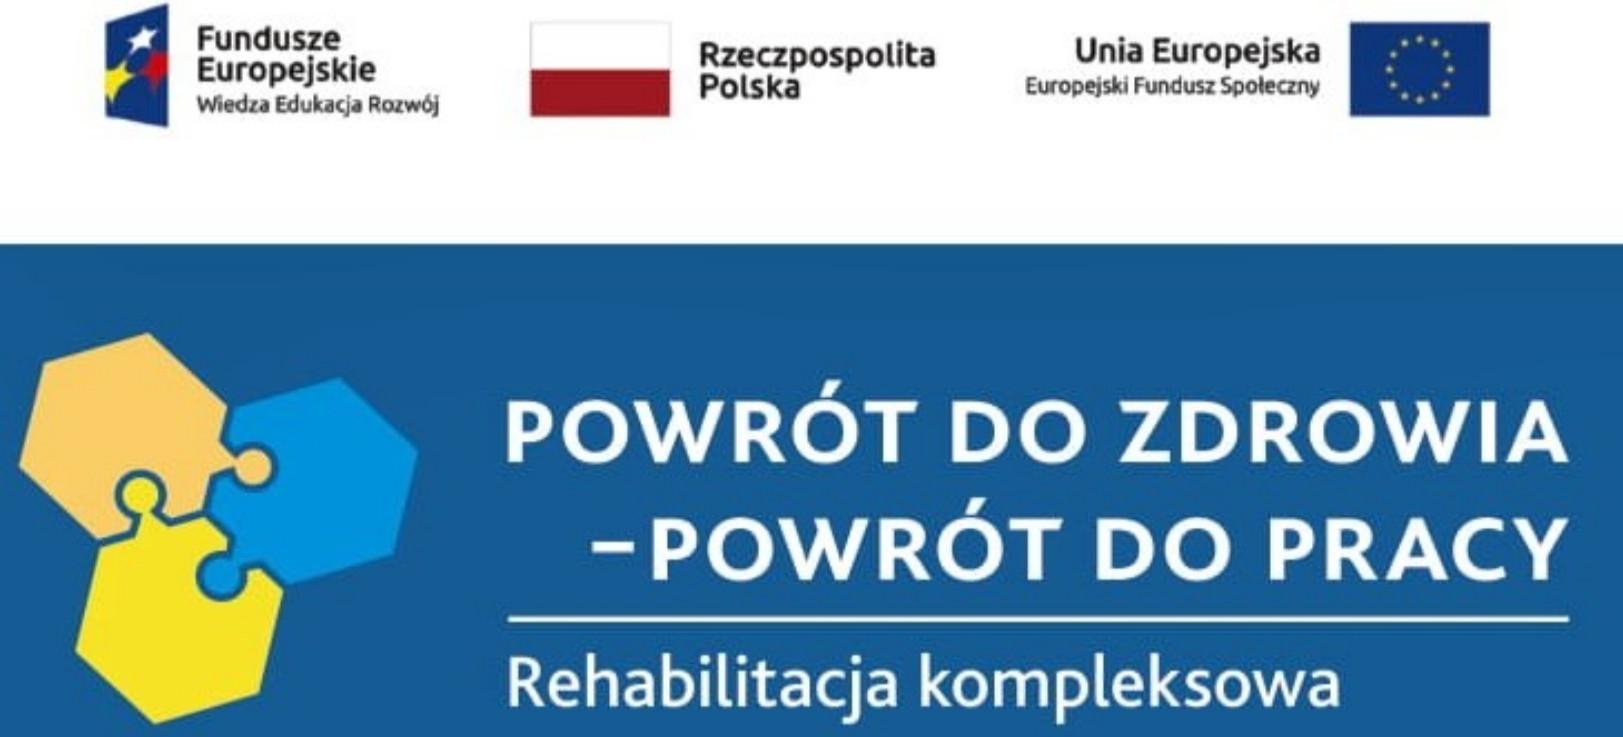 Bezpłatna rehabilitacja dla osób zagrożonych utratą aktywności zawodowej